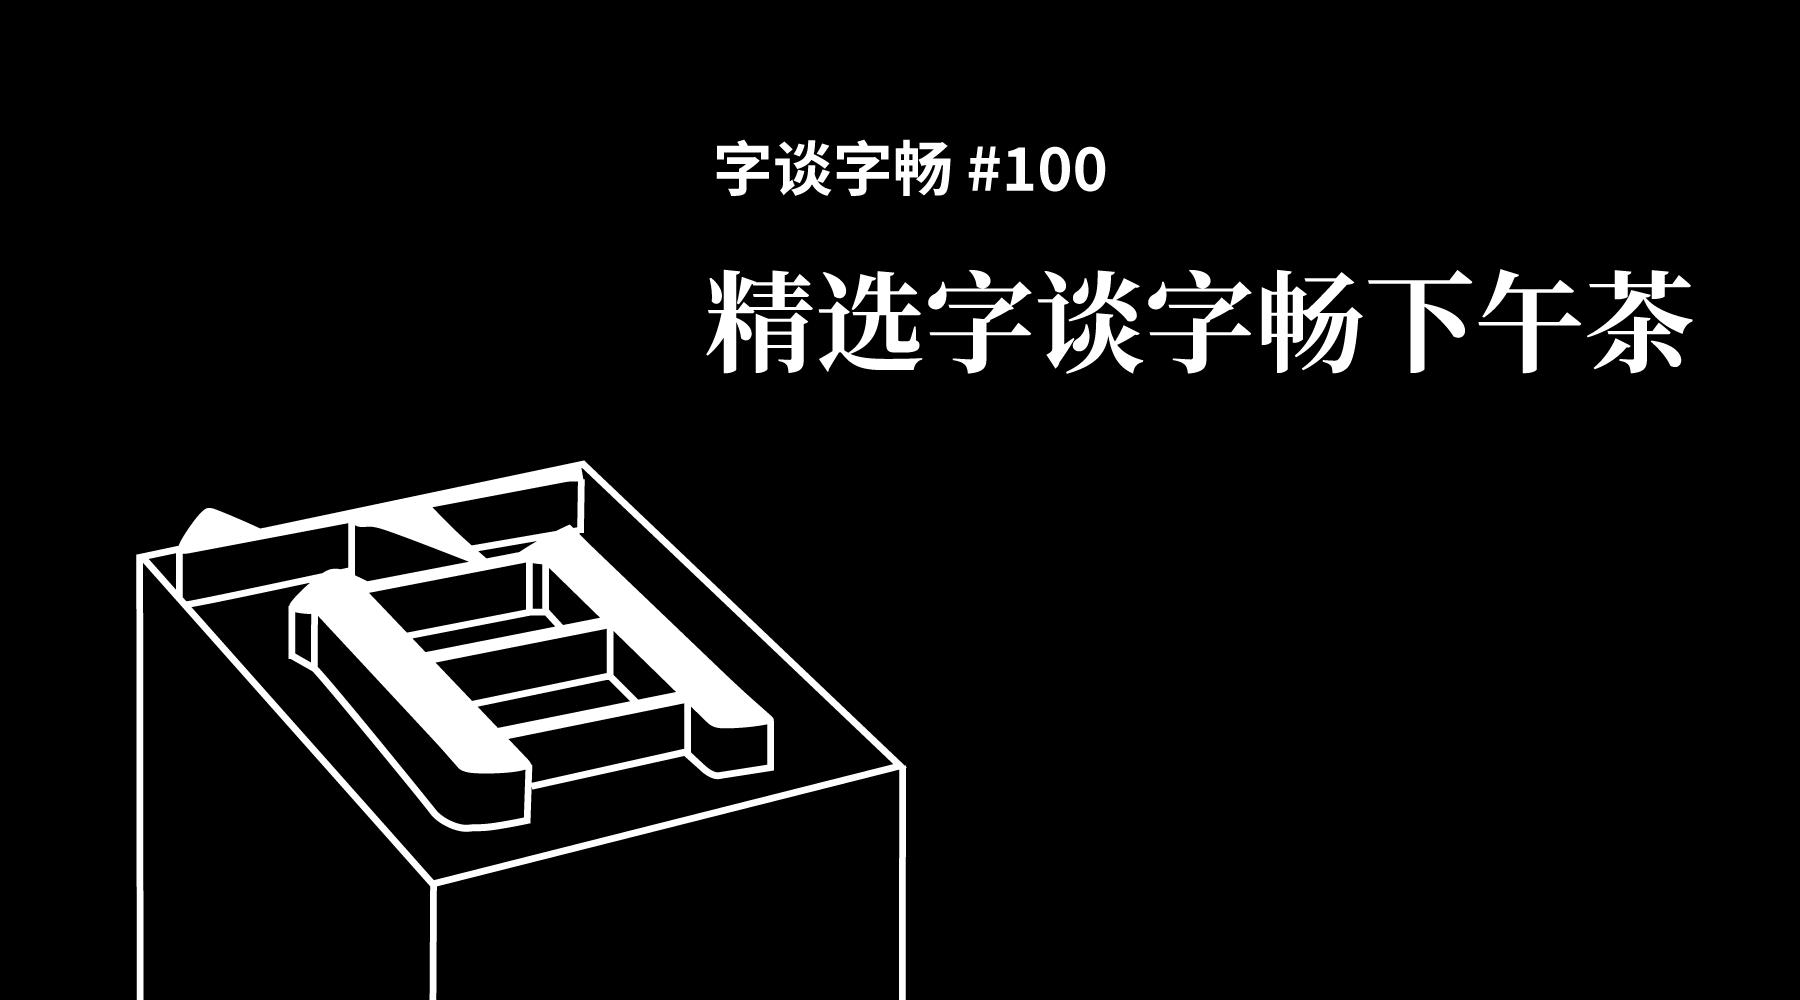 TypeChat #100